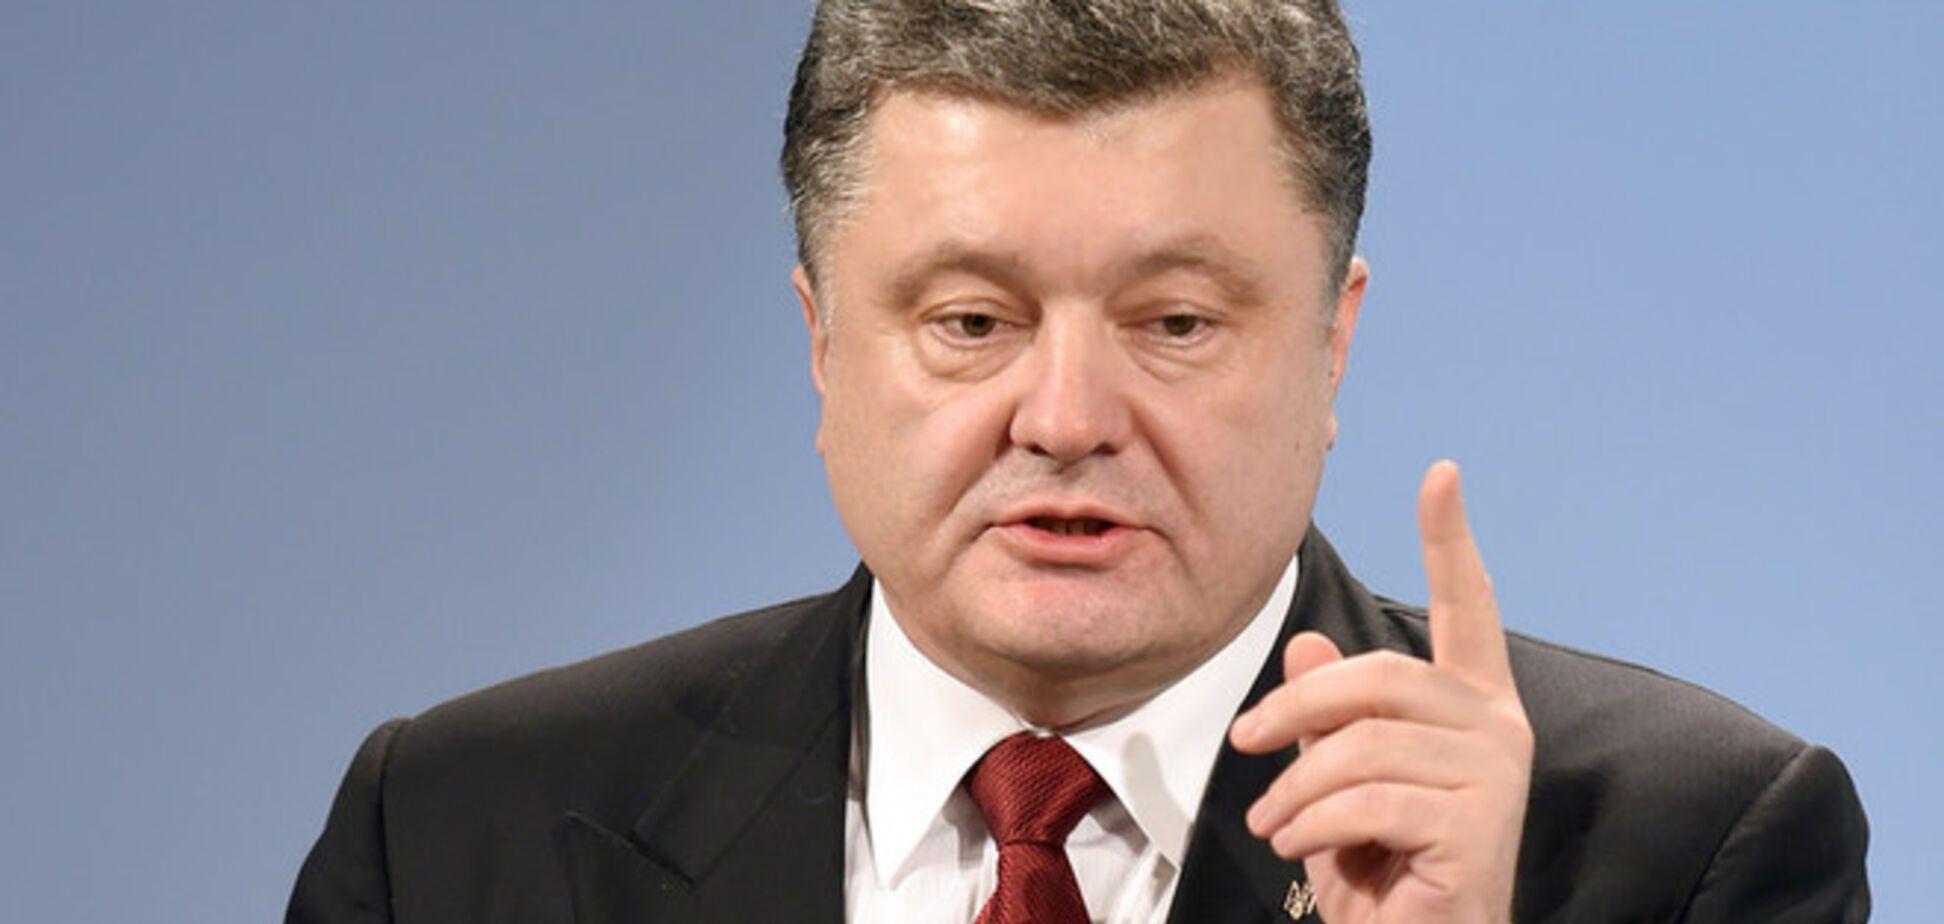 Порошенко о 'русском мире', Донбассе и оружии: главные заявления в Мюнхене